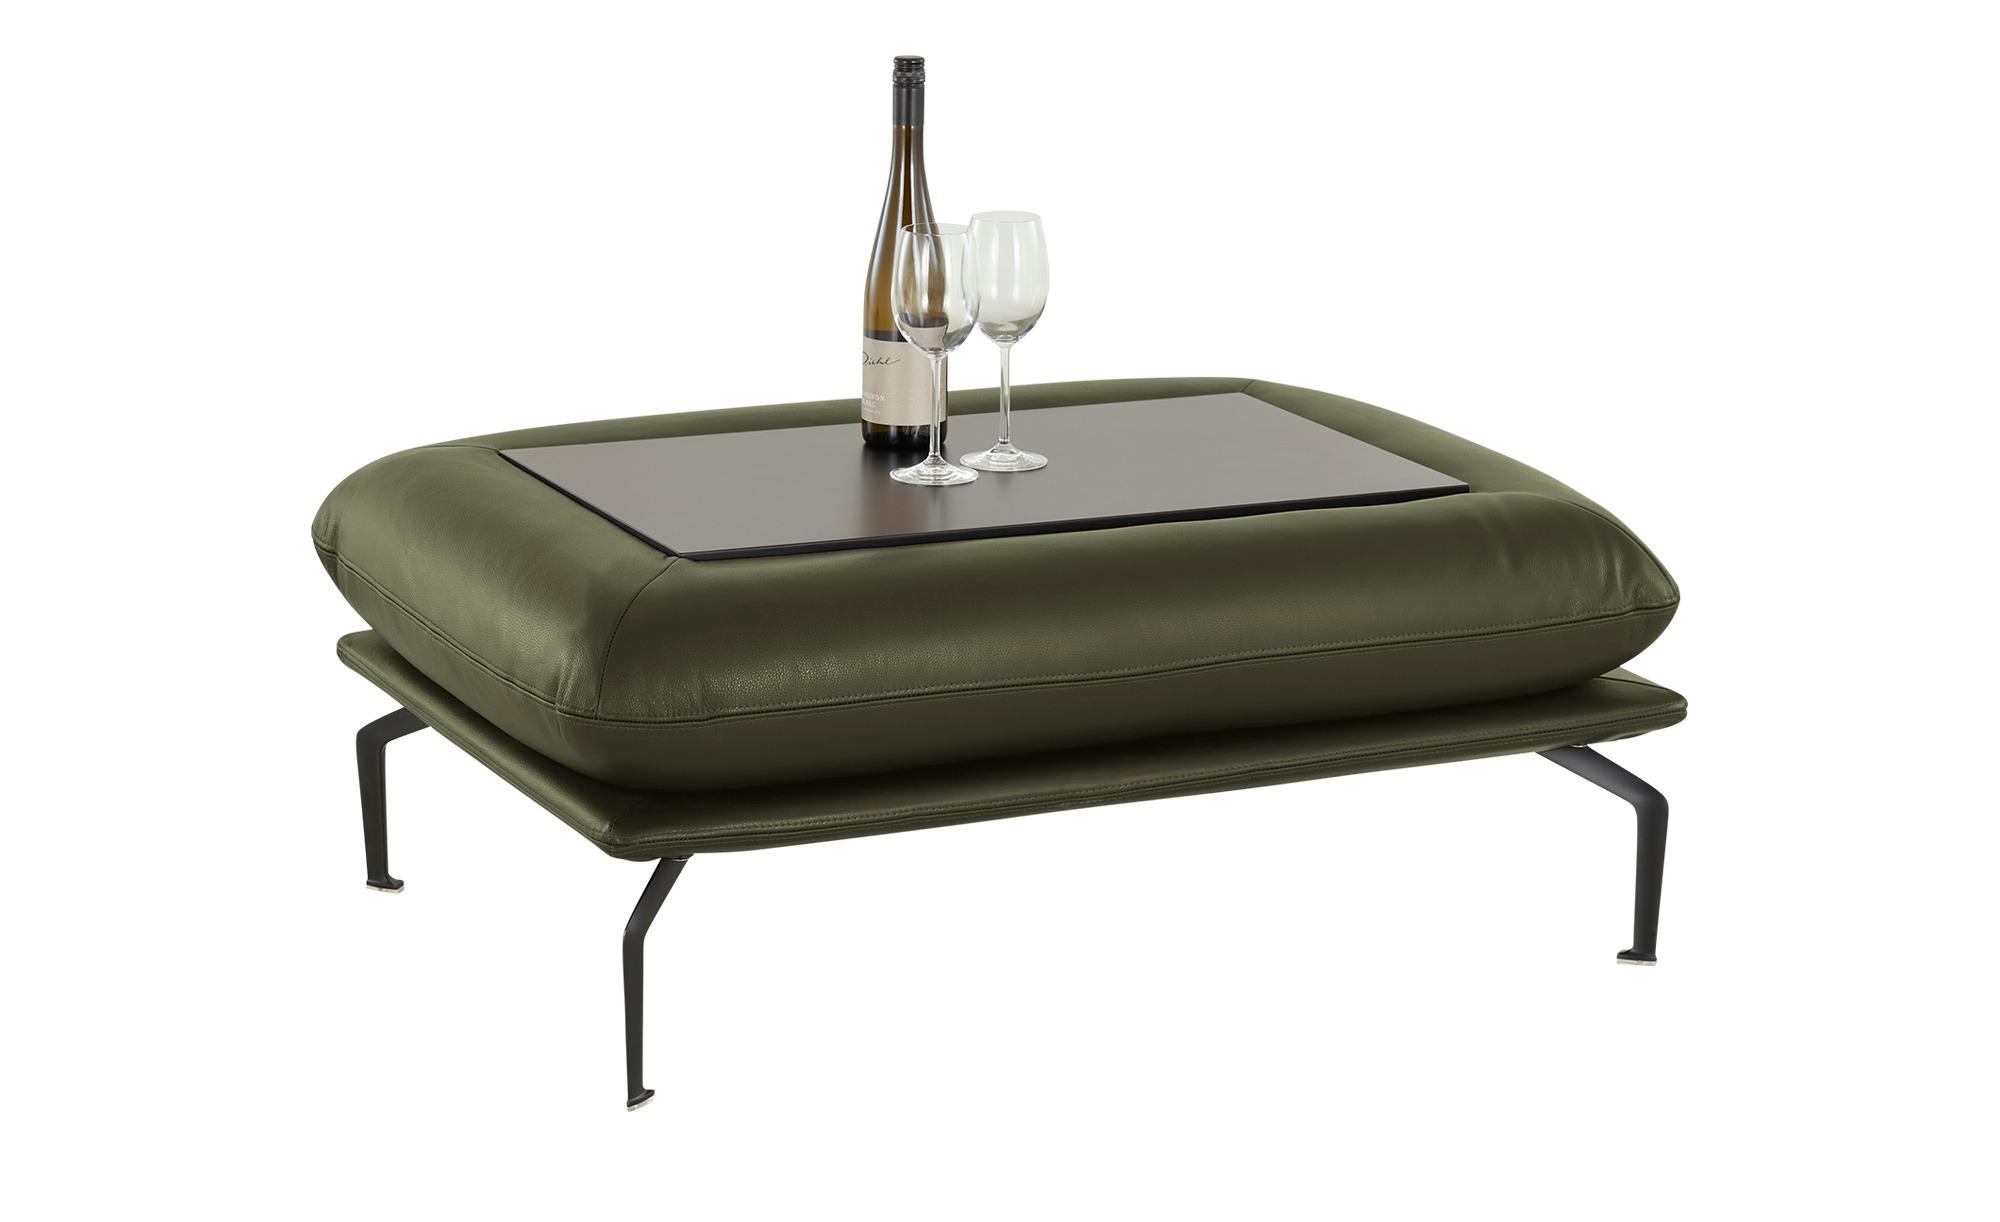 Nils Olsen Hocker mit Tischplatte  Alva ¦ grün Polstermöbel > Hocker - Höff günstig online kaufen